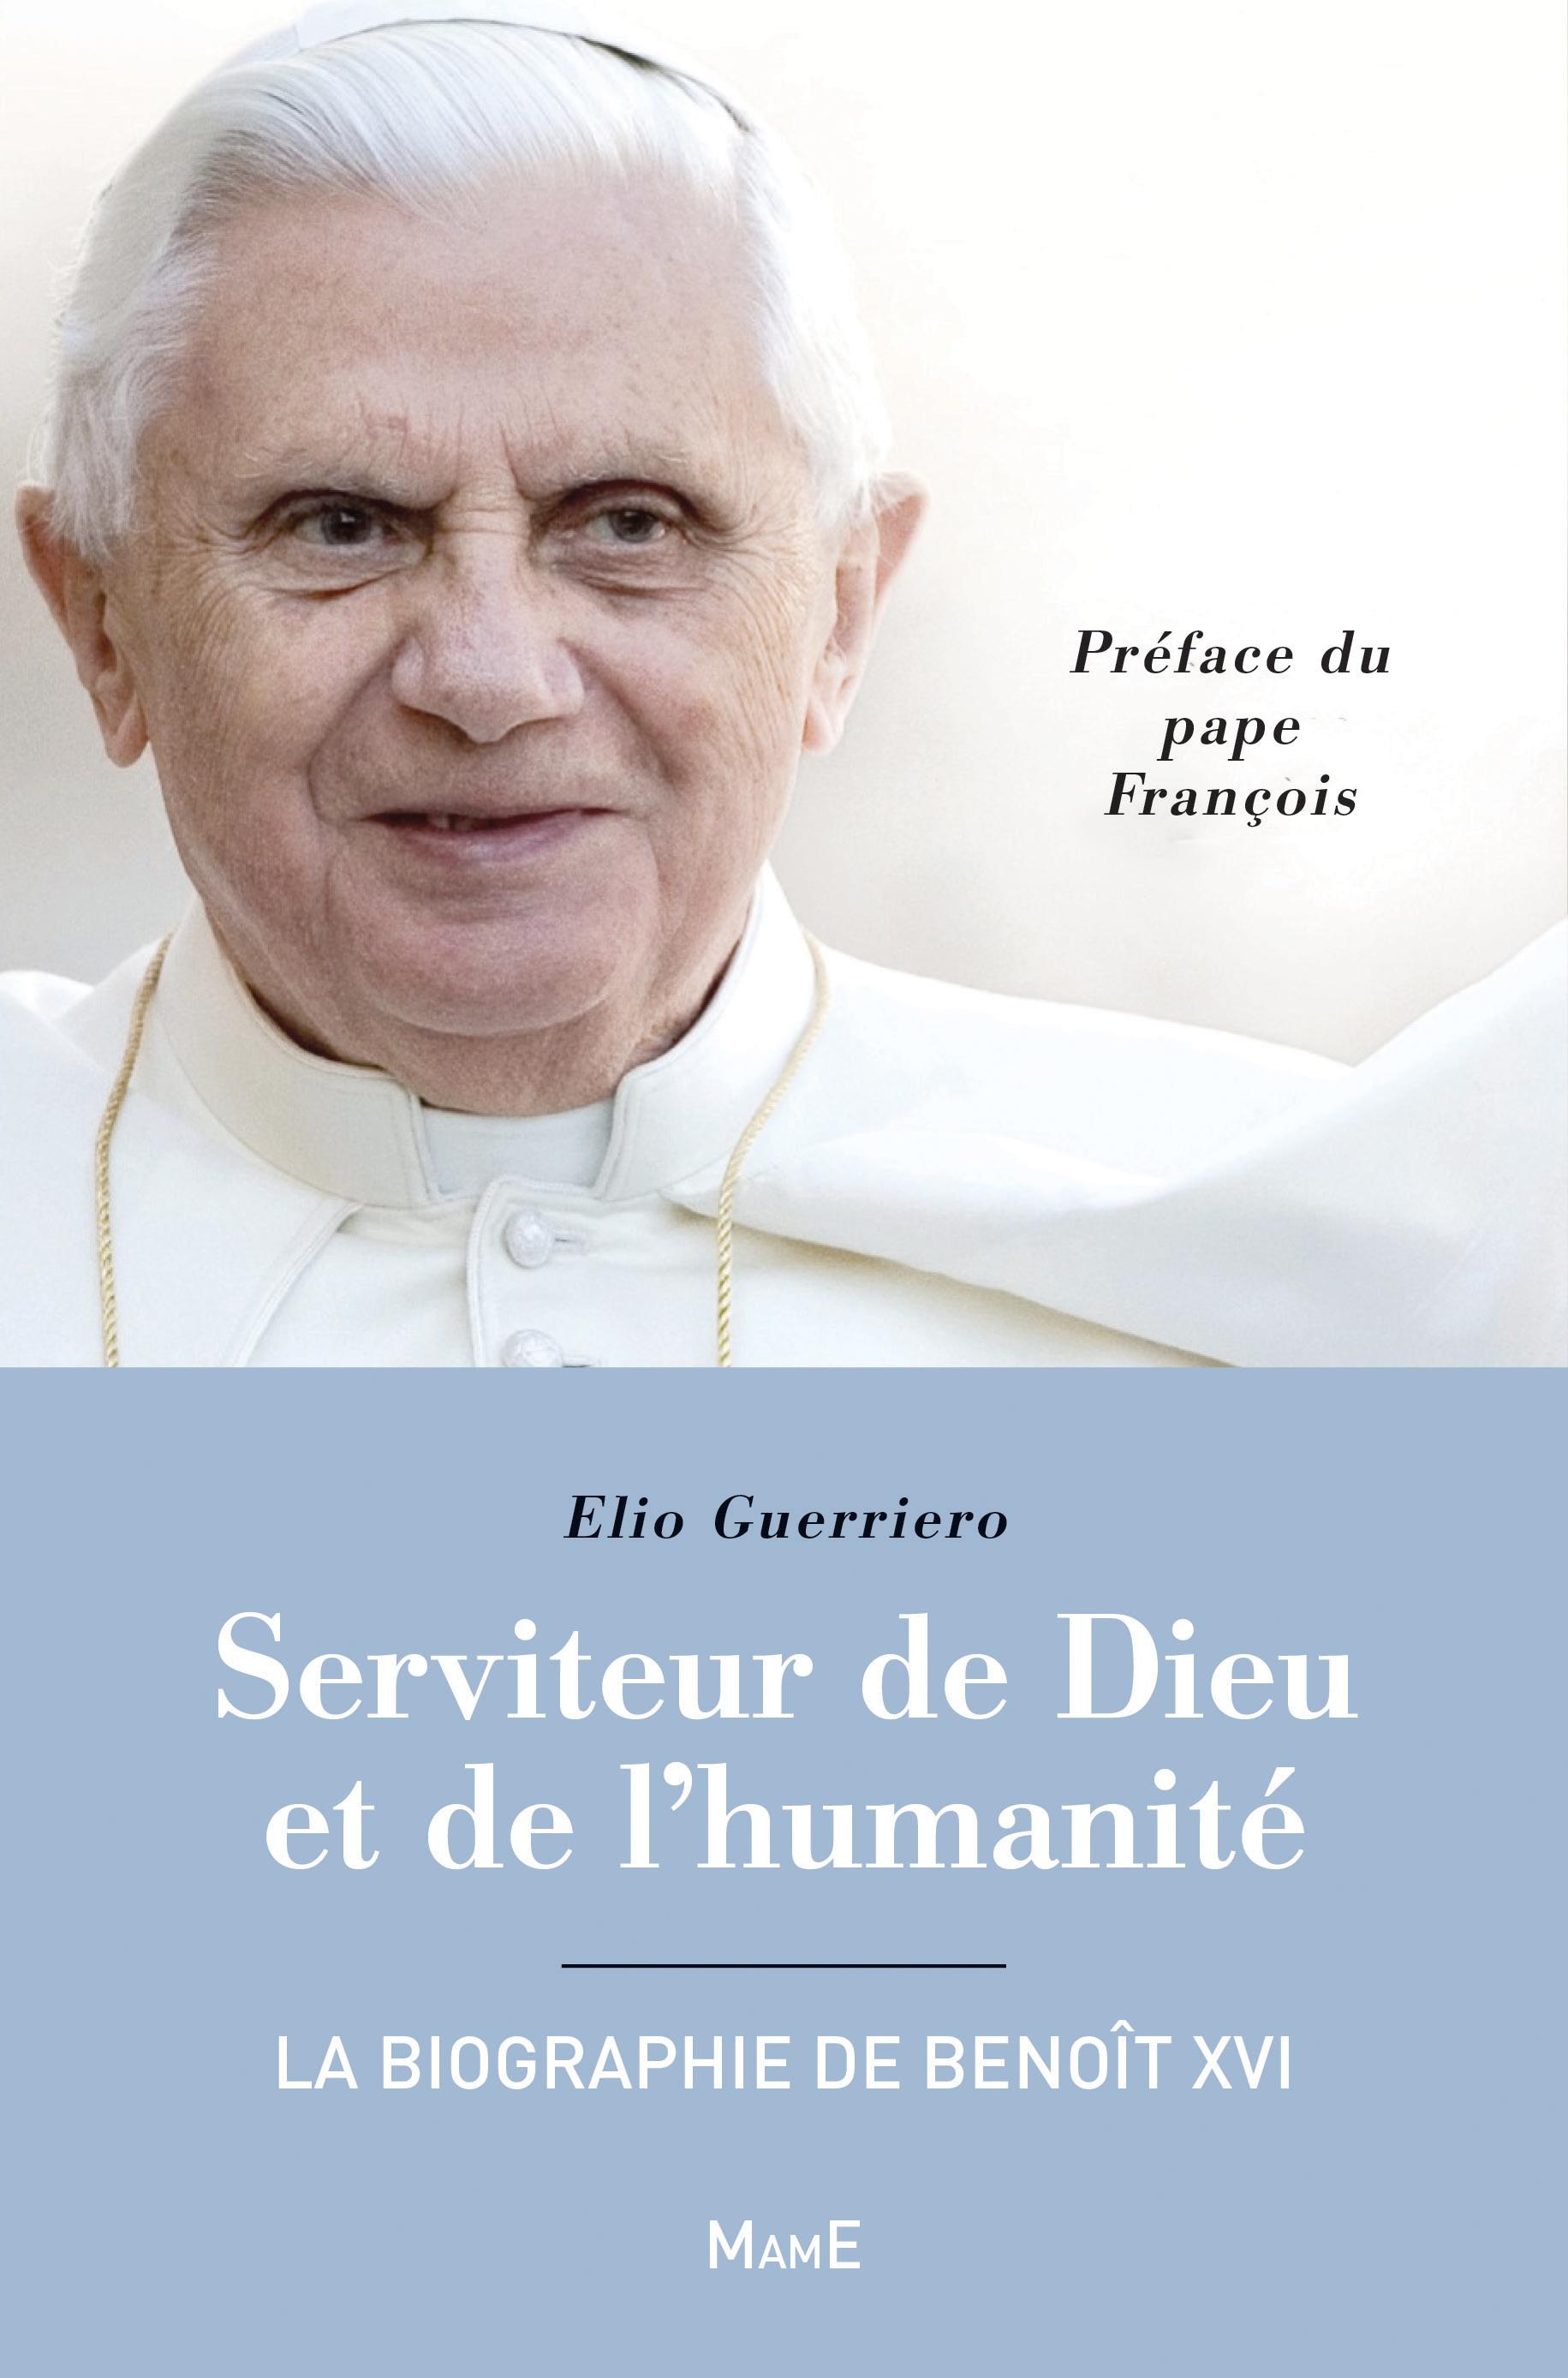 SERVITEUR DE DIEU ET DE L'HUMANITE - LA BIOGRAPHIE DE BENOIT XVI